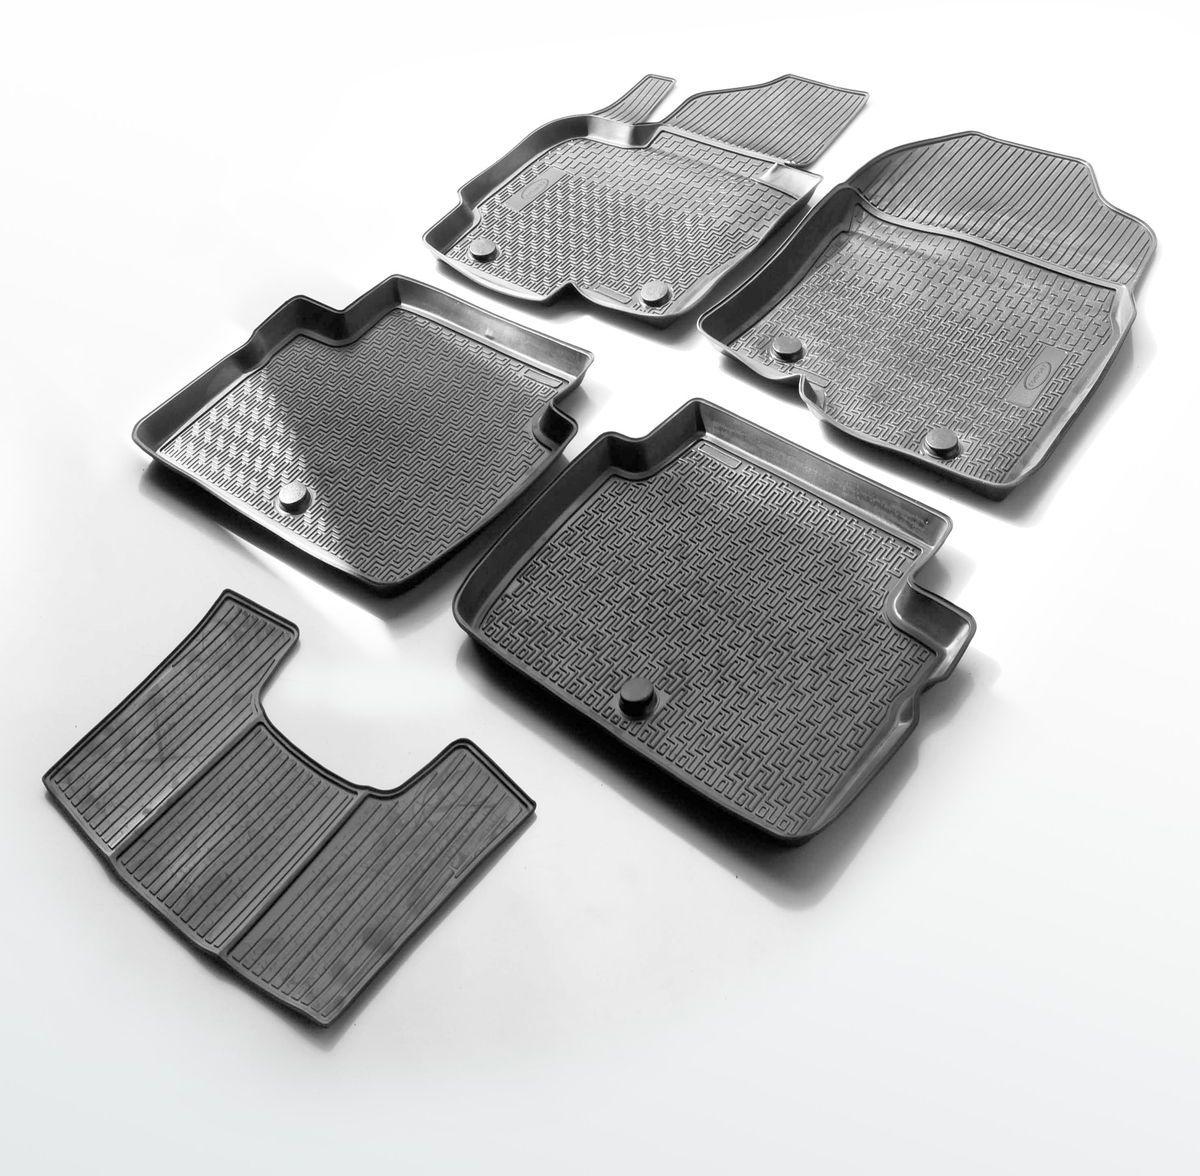 Коврики салона Rival для Lada Xray (с бардачком) 2016-, c перемычкой, полиуретан21395599Прочные и долговечные коврики Rival в салон автомобиля, изготовлены из высококачественного и экологичного сырья, полностью повторяют геометрию салона вашего автомобиля.- Надежная система крепления, позволяющая закрепить коврик на штатные элементы фиксации, в результате чего отсутствует эффект скольжения по салону автомобиля.- Высокая стойкость поверхности к стиранию.- Специализированный рисунок и высокий борт, препятствующие распространению грязи и жидкости по поверхности коврика.- Перемычка задних ковриков в комплекте предотвращает загрязнение тоннеля карданного вала.- Произведены из первичных материалов, в результате чего отсутствует неприятный запах в салоне автомобиля.- Высокая эластичность, можно беспрепятственно эксплуатировать при температуре от -45 ?C до +45 ?C.Уважаемые клиенты!Обращаем ваше внимание,что коврики имеет формусоответствующую модели данного автомобиля. Фото служит для визуального восприятия товара.